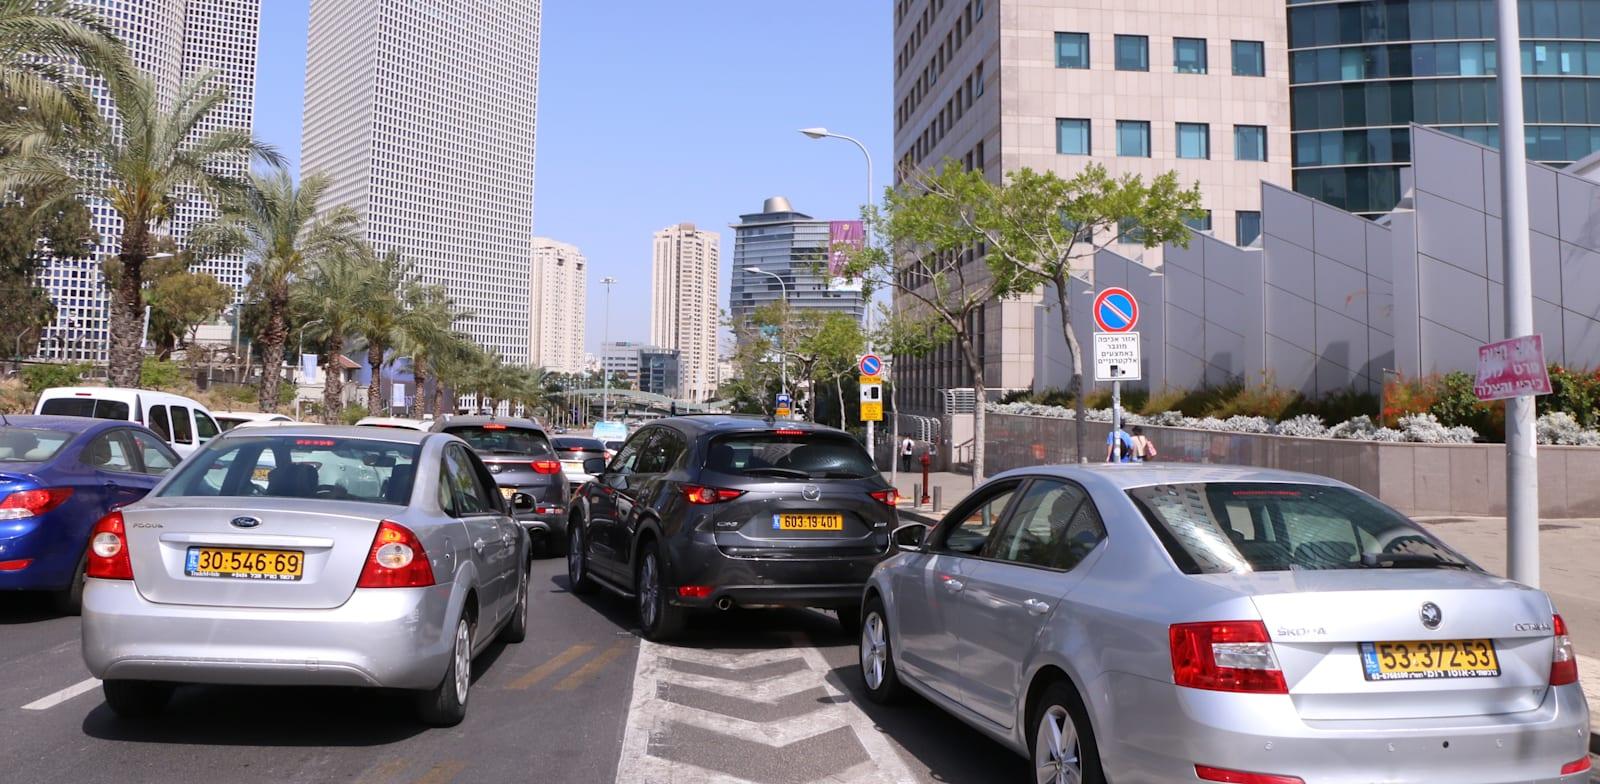 היציאה מחניון קריית הממשלה בתל אביב. פקק שנשפך לפקק אחר / צילום: כדיה לוי